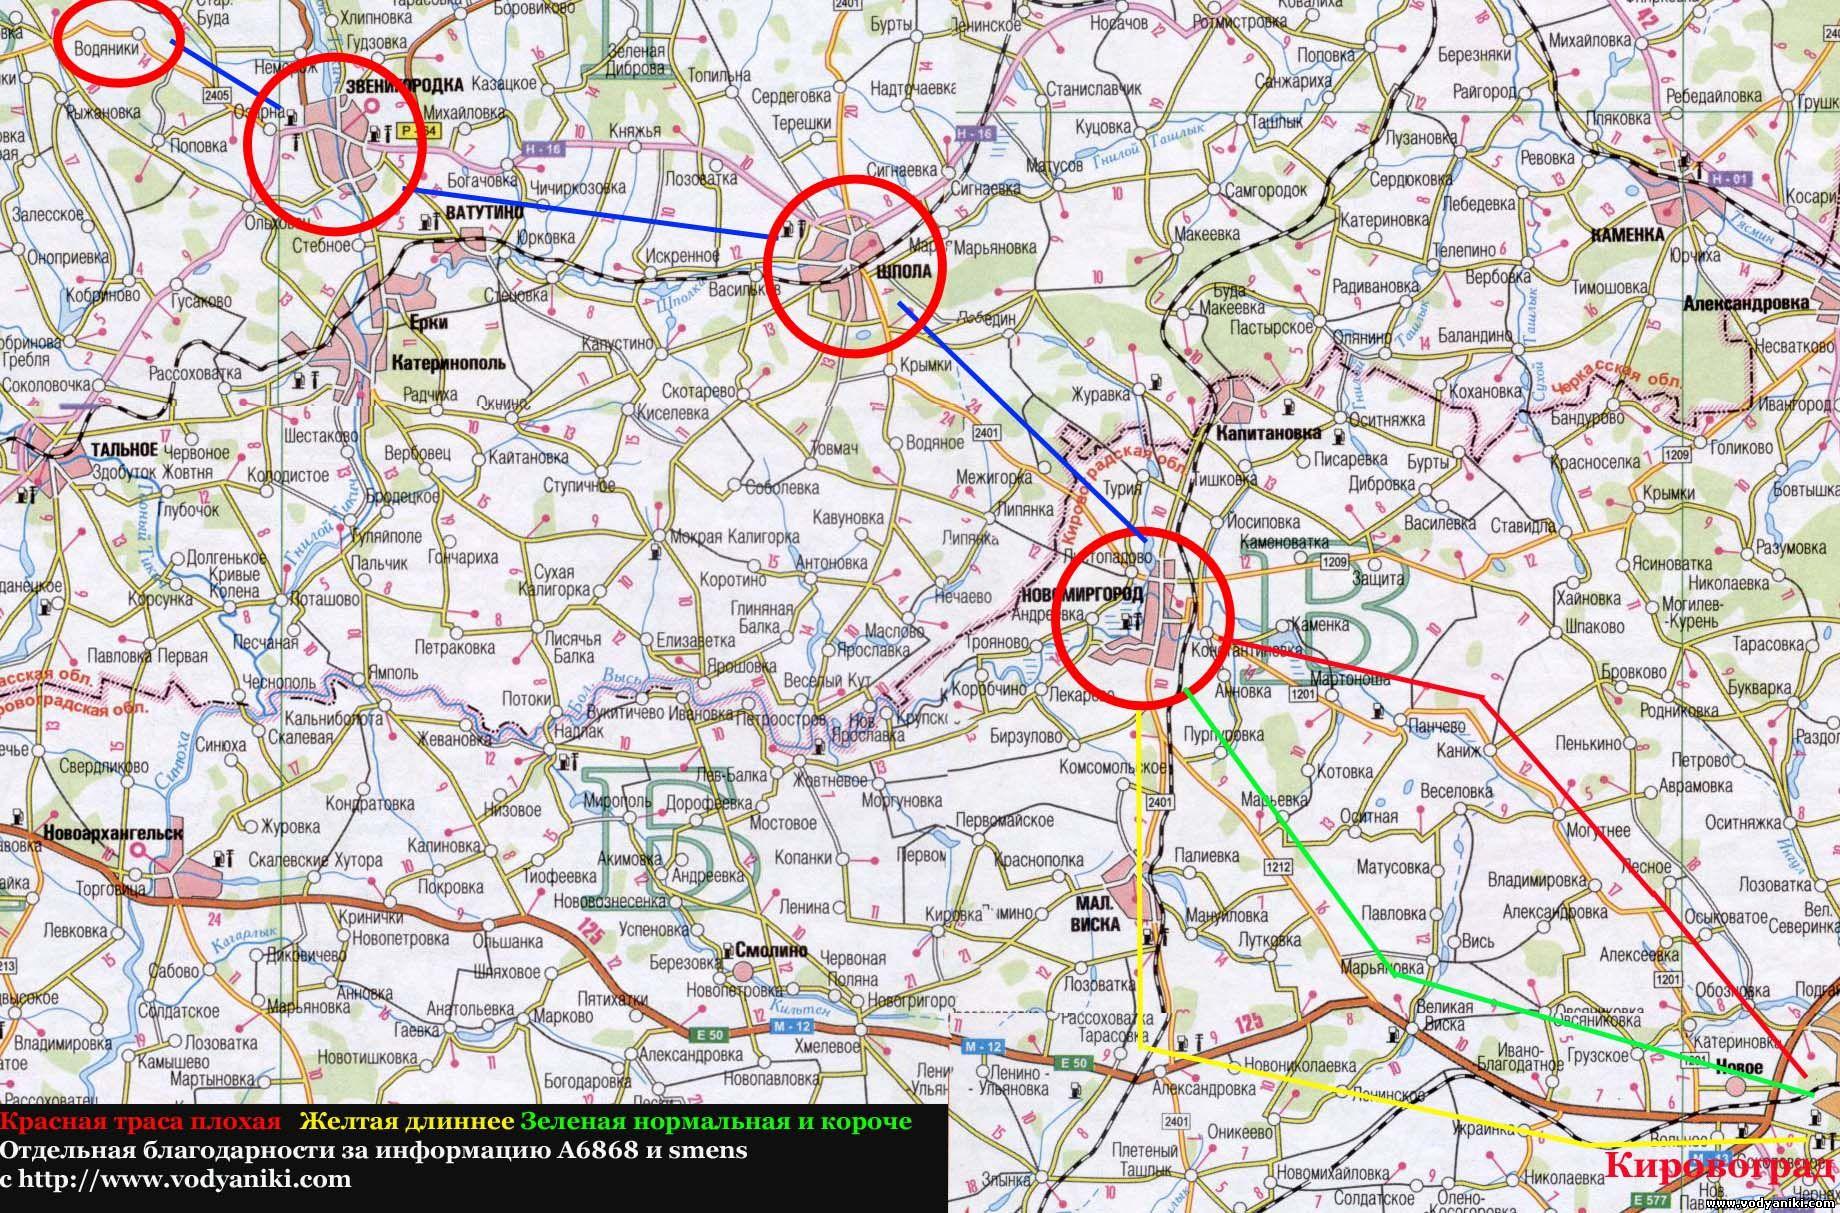 Схема киевской трассе